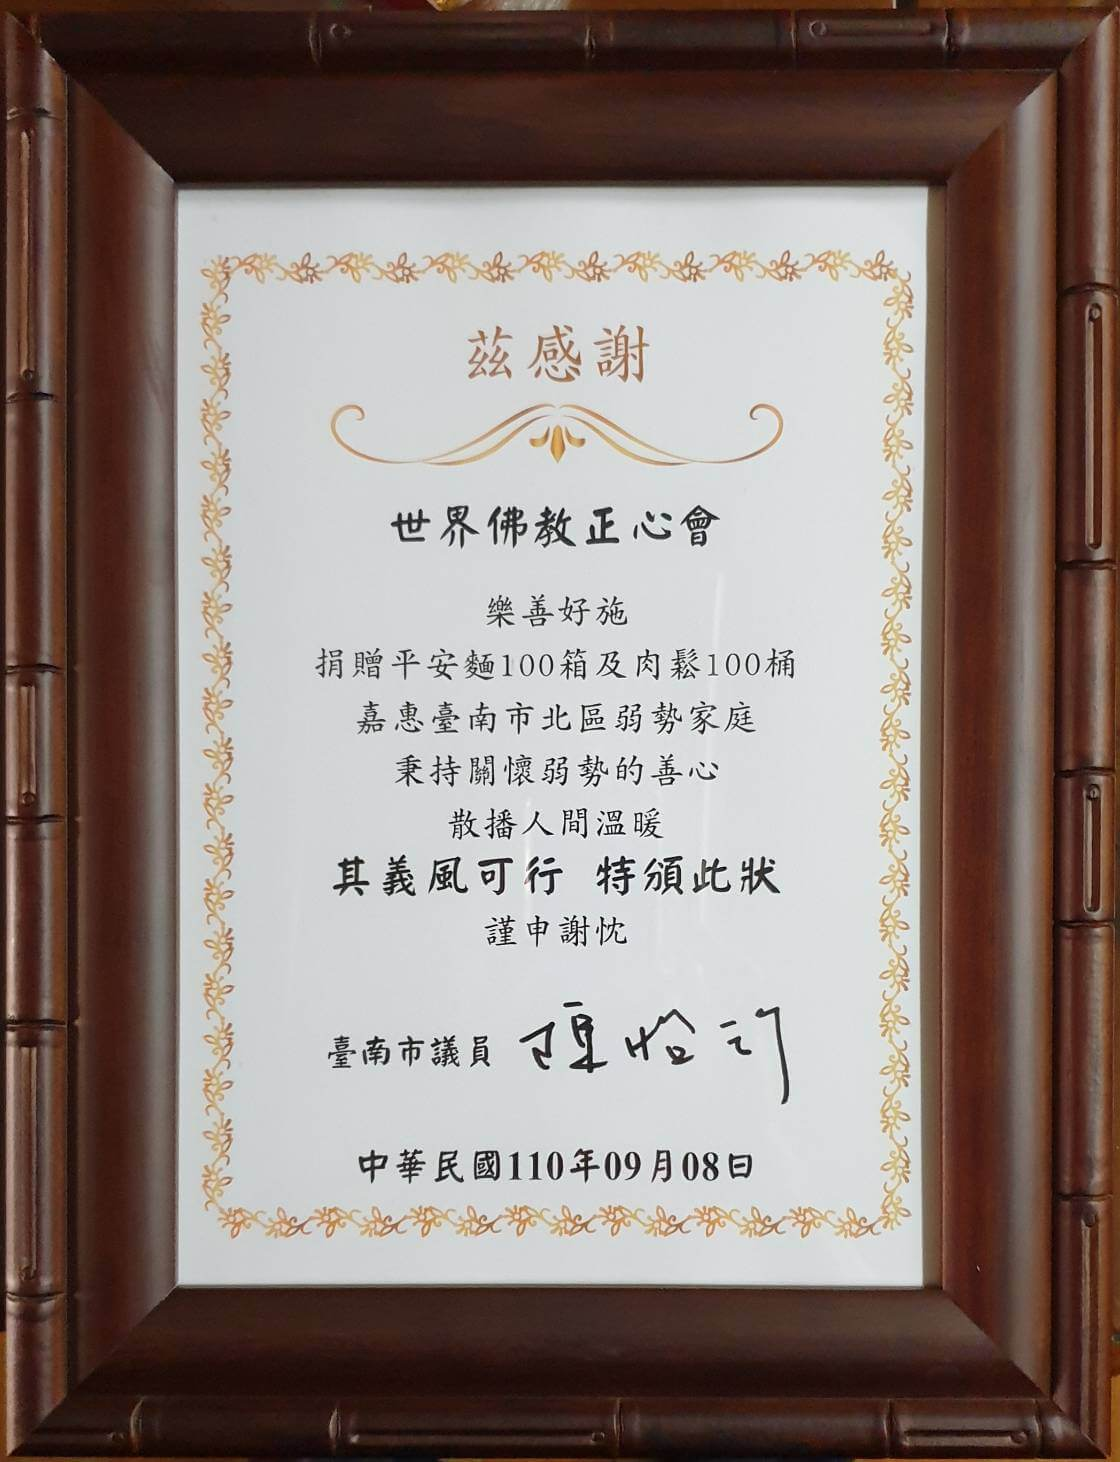 2021-0908台南陳怡珍議員感謝狀